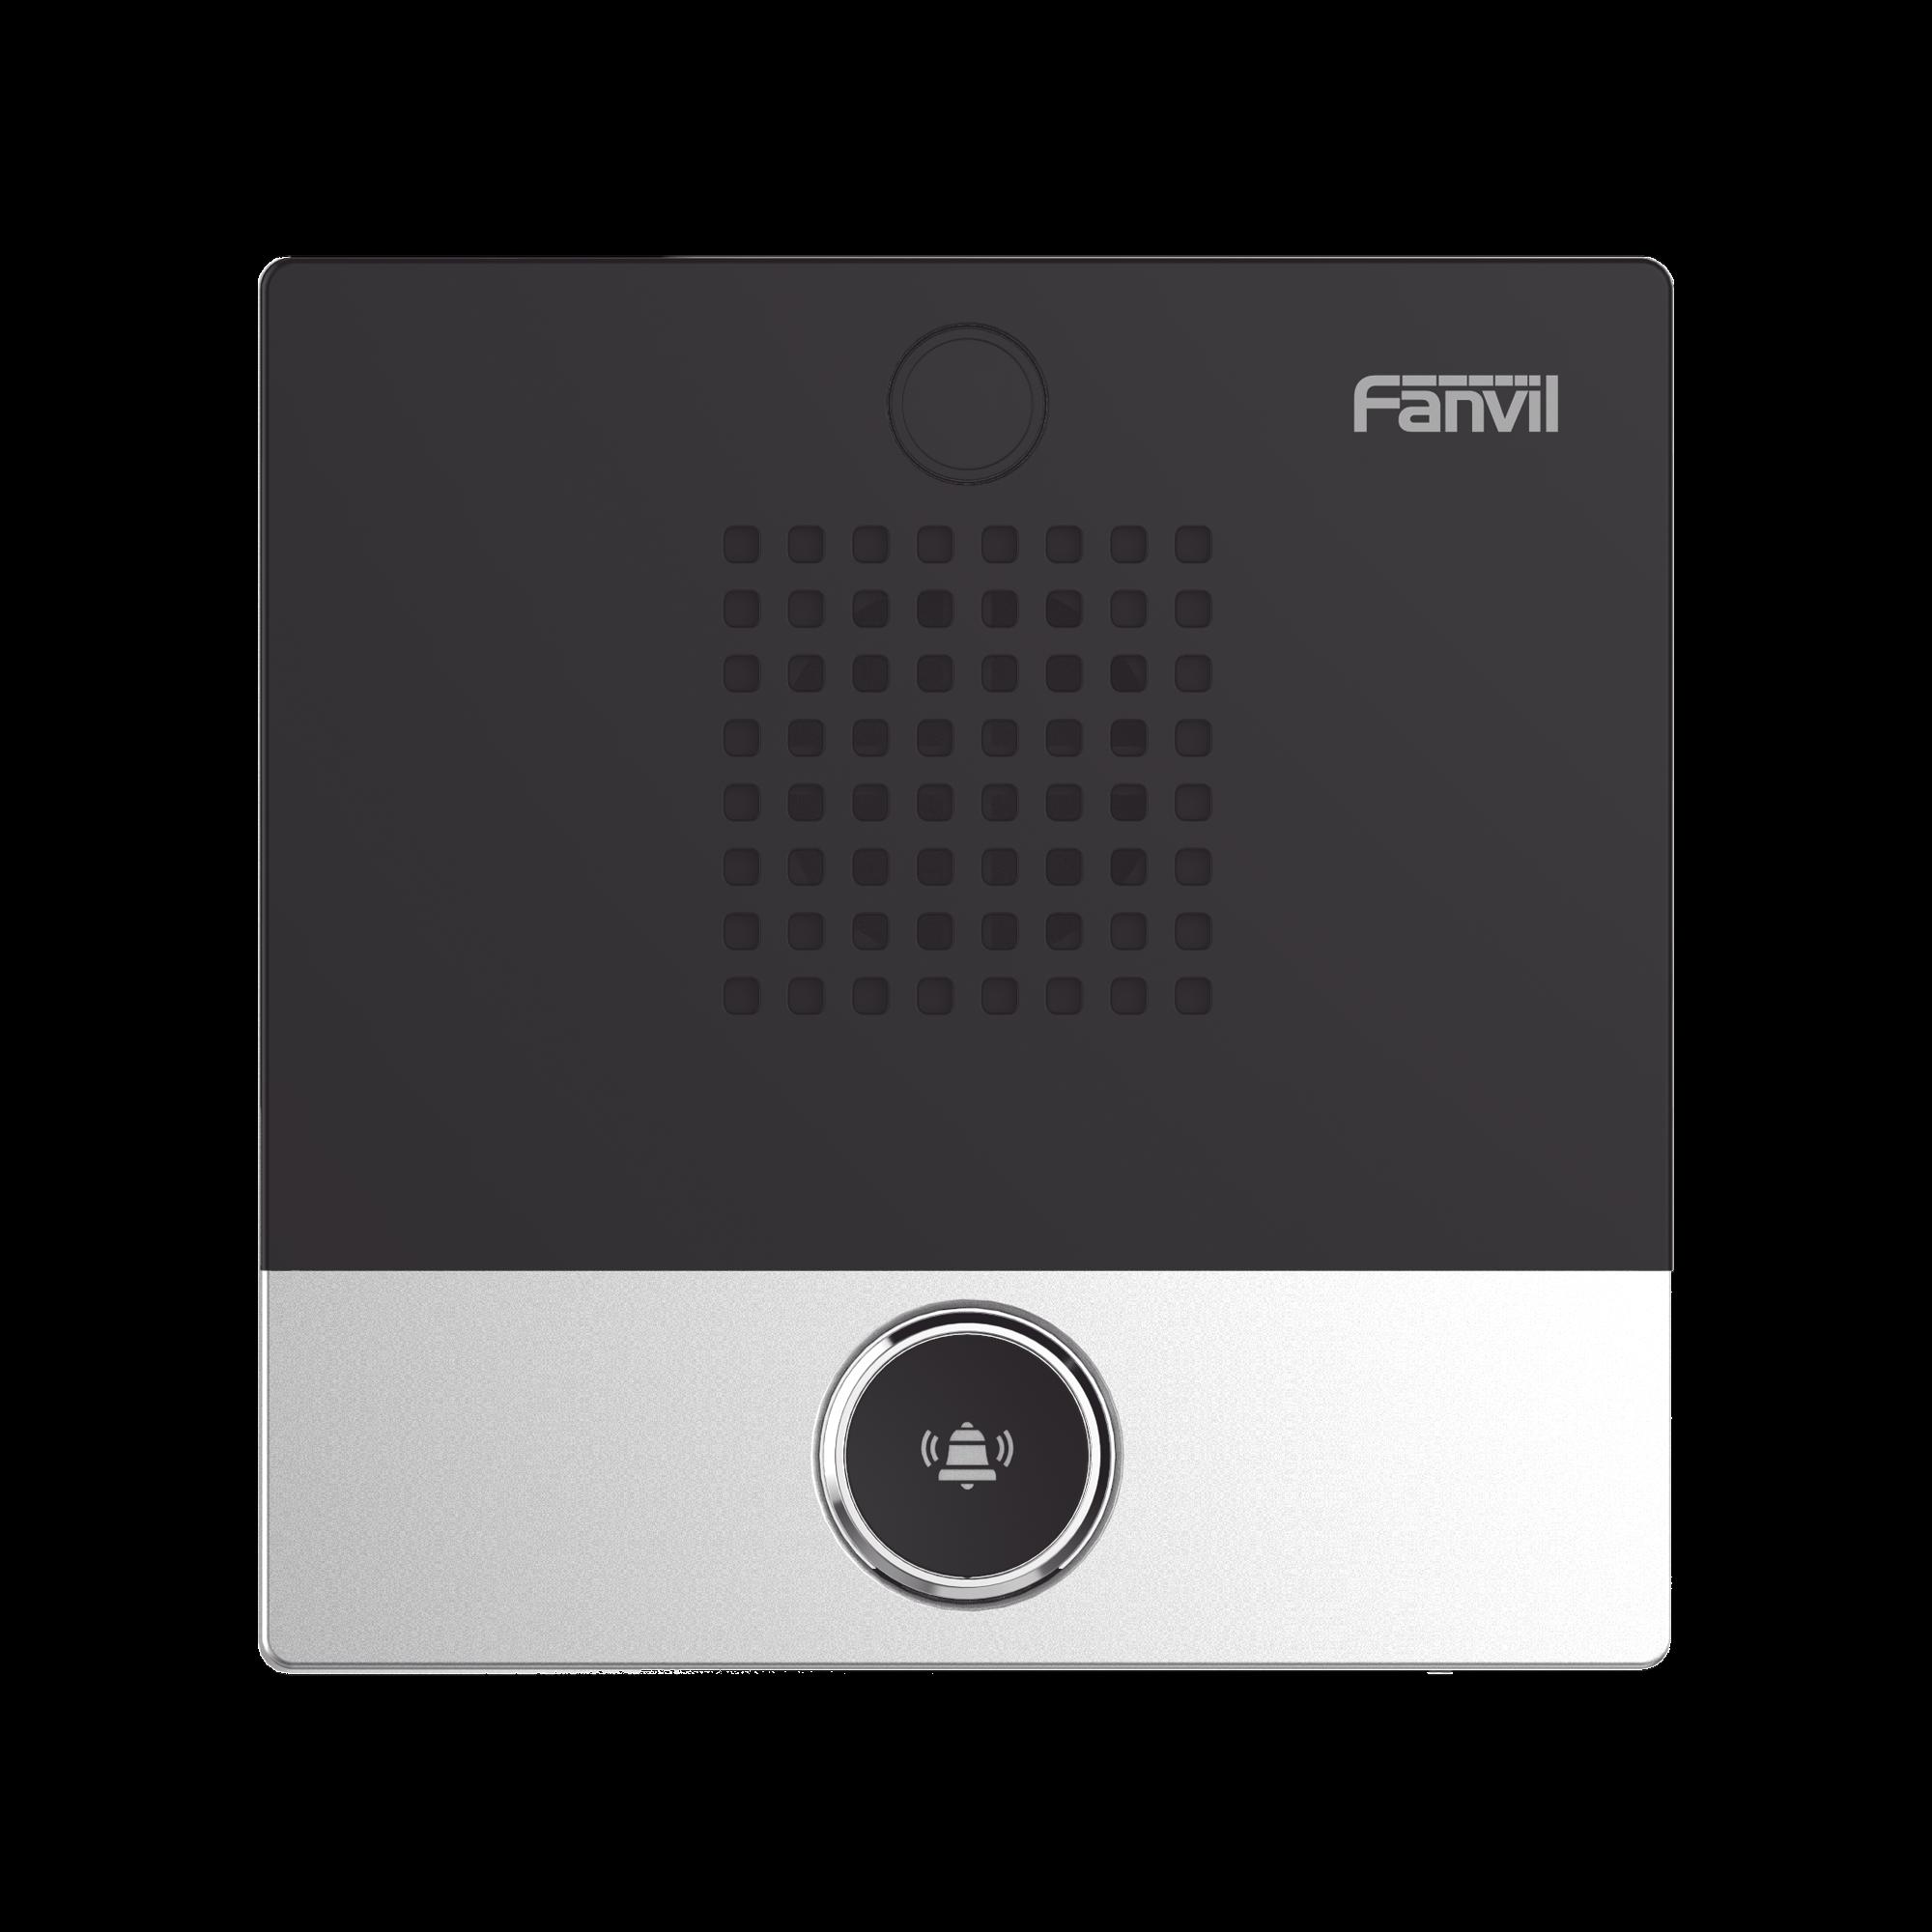 Mini Intercomunicador para hotelería y hospitales, con diseño elegante, PoE, 1 botón, 1 relevador integrado de salida y entrada.